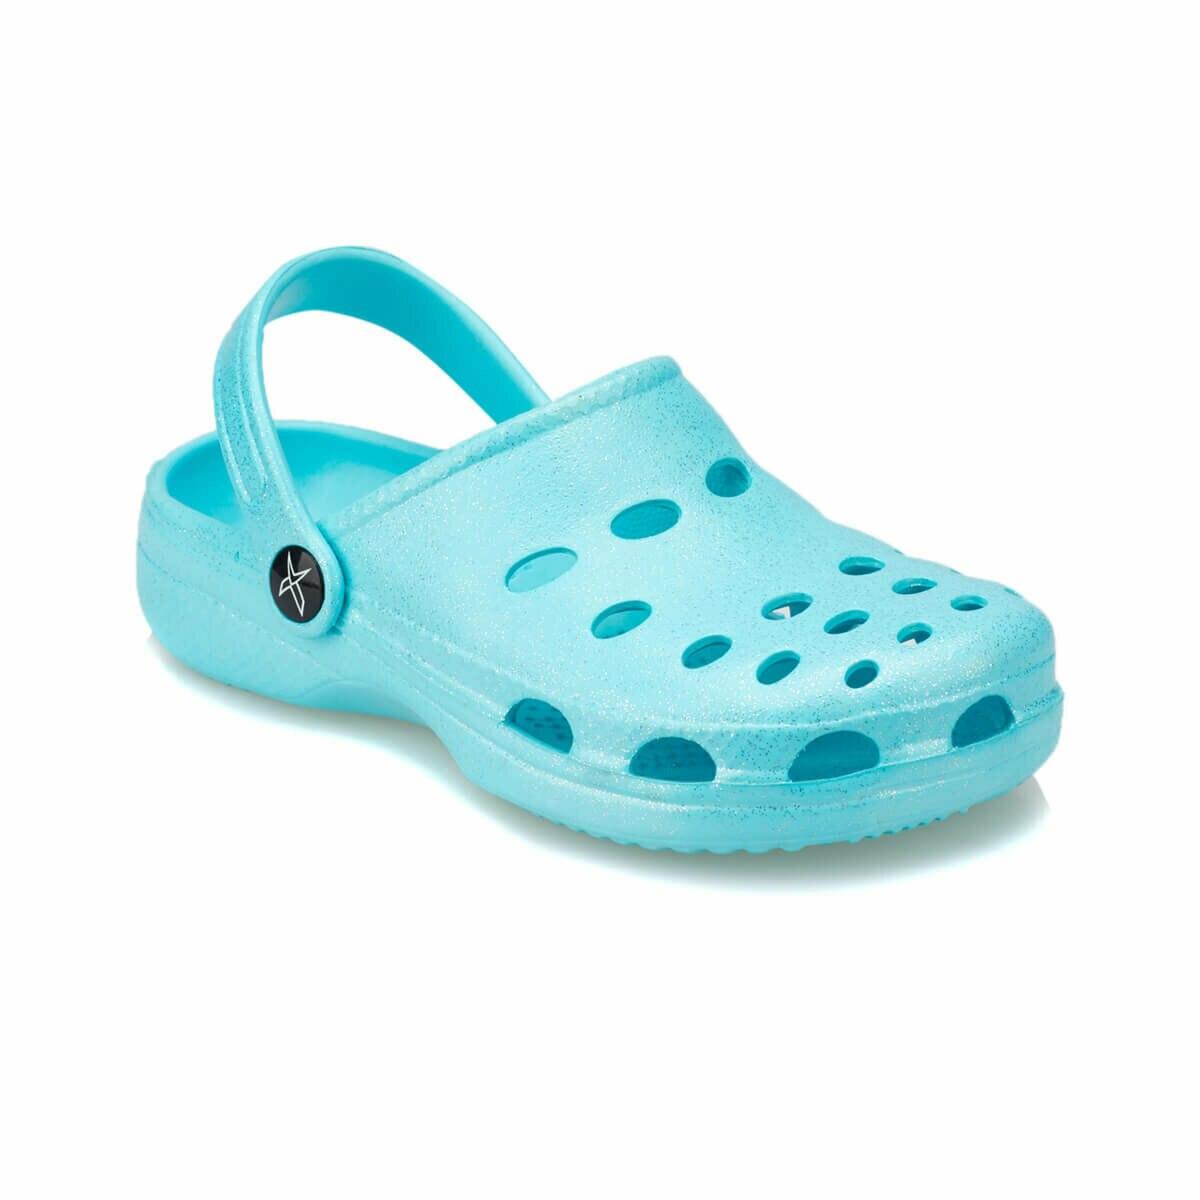 FLO BERIN Light Turquoise Female Child Slippers KINETIX